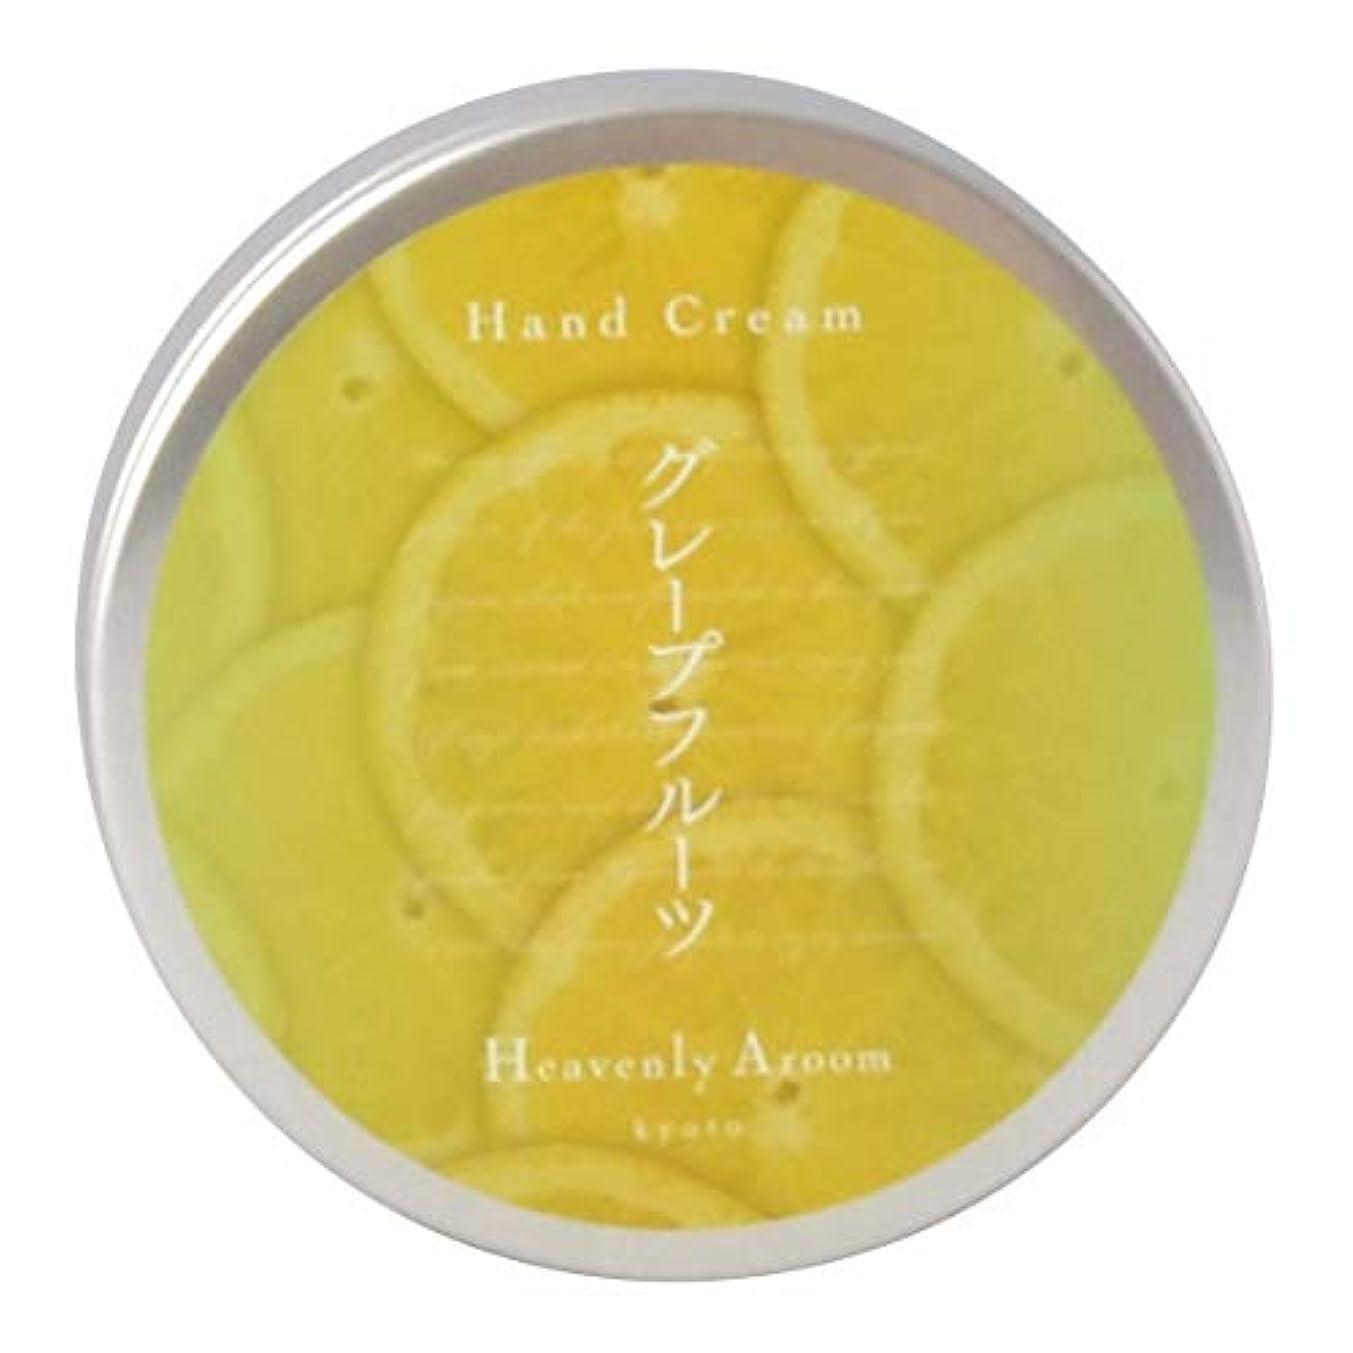 変わる楽しい省略Heavenly Aroom ハンドクリーム グレープフルーツ 30g